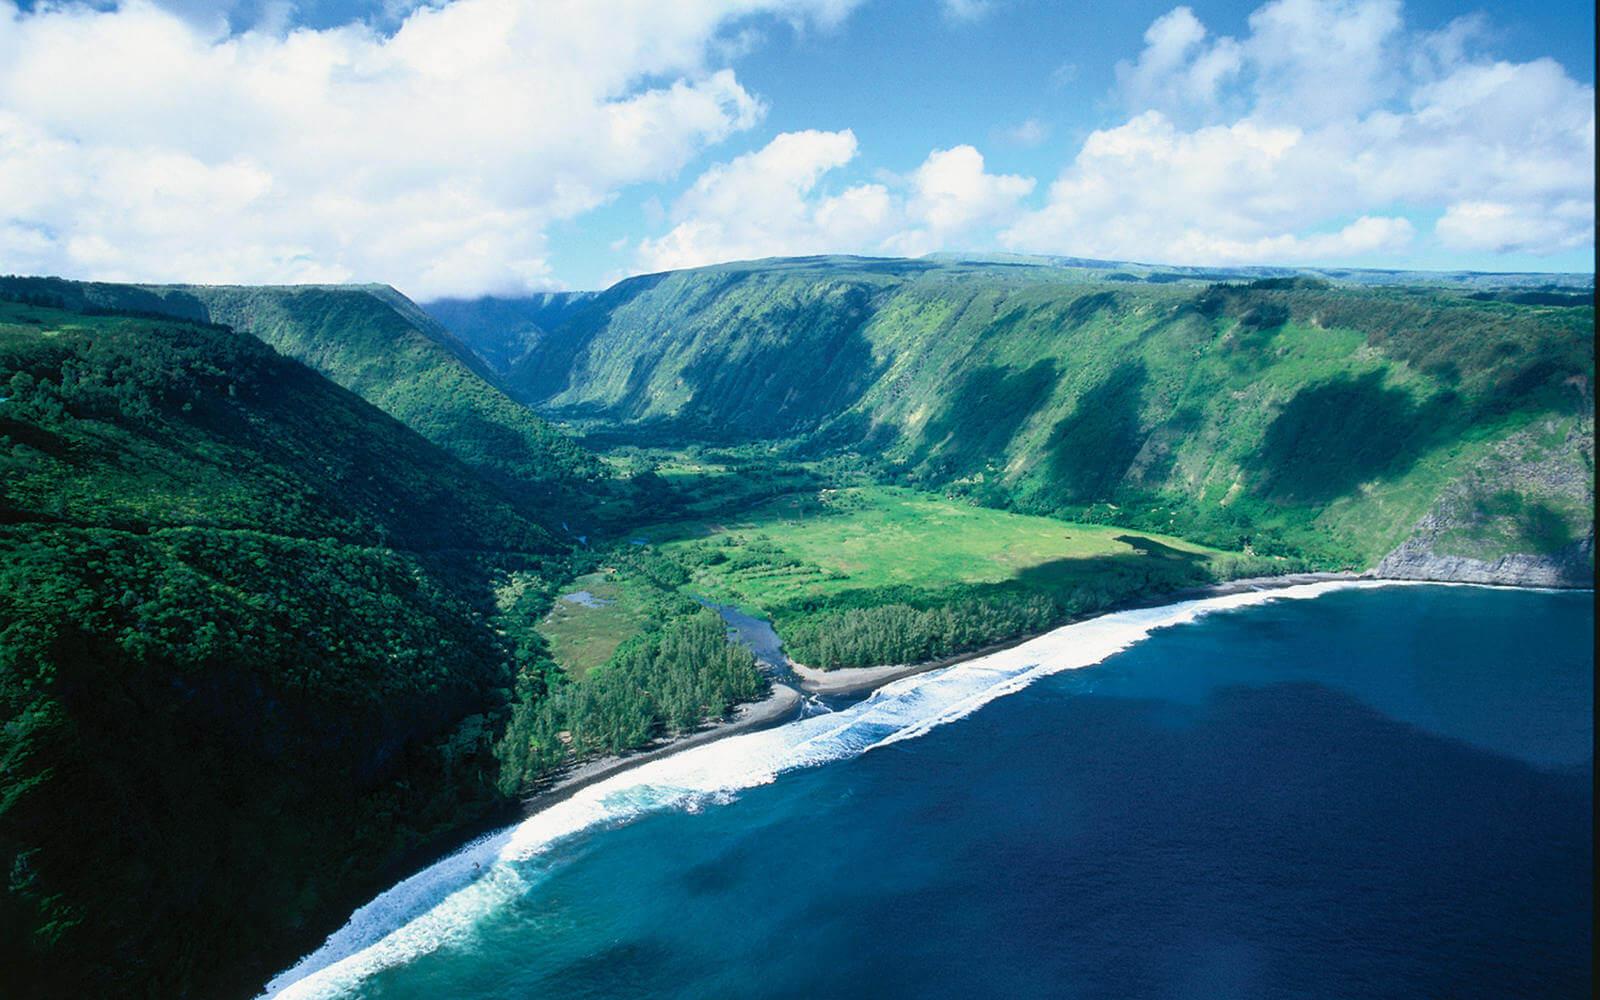 Hawaii: Die wunderschöne Landschaft der Insel